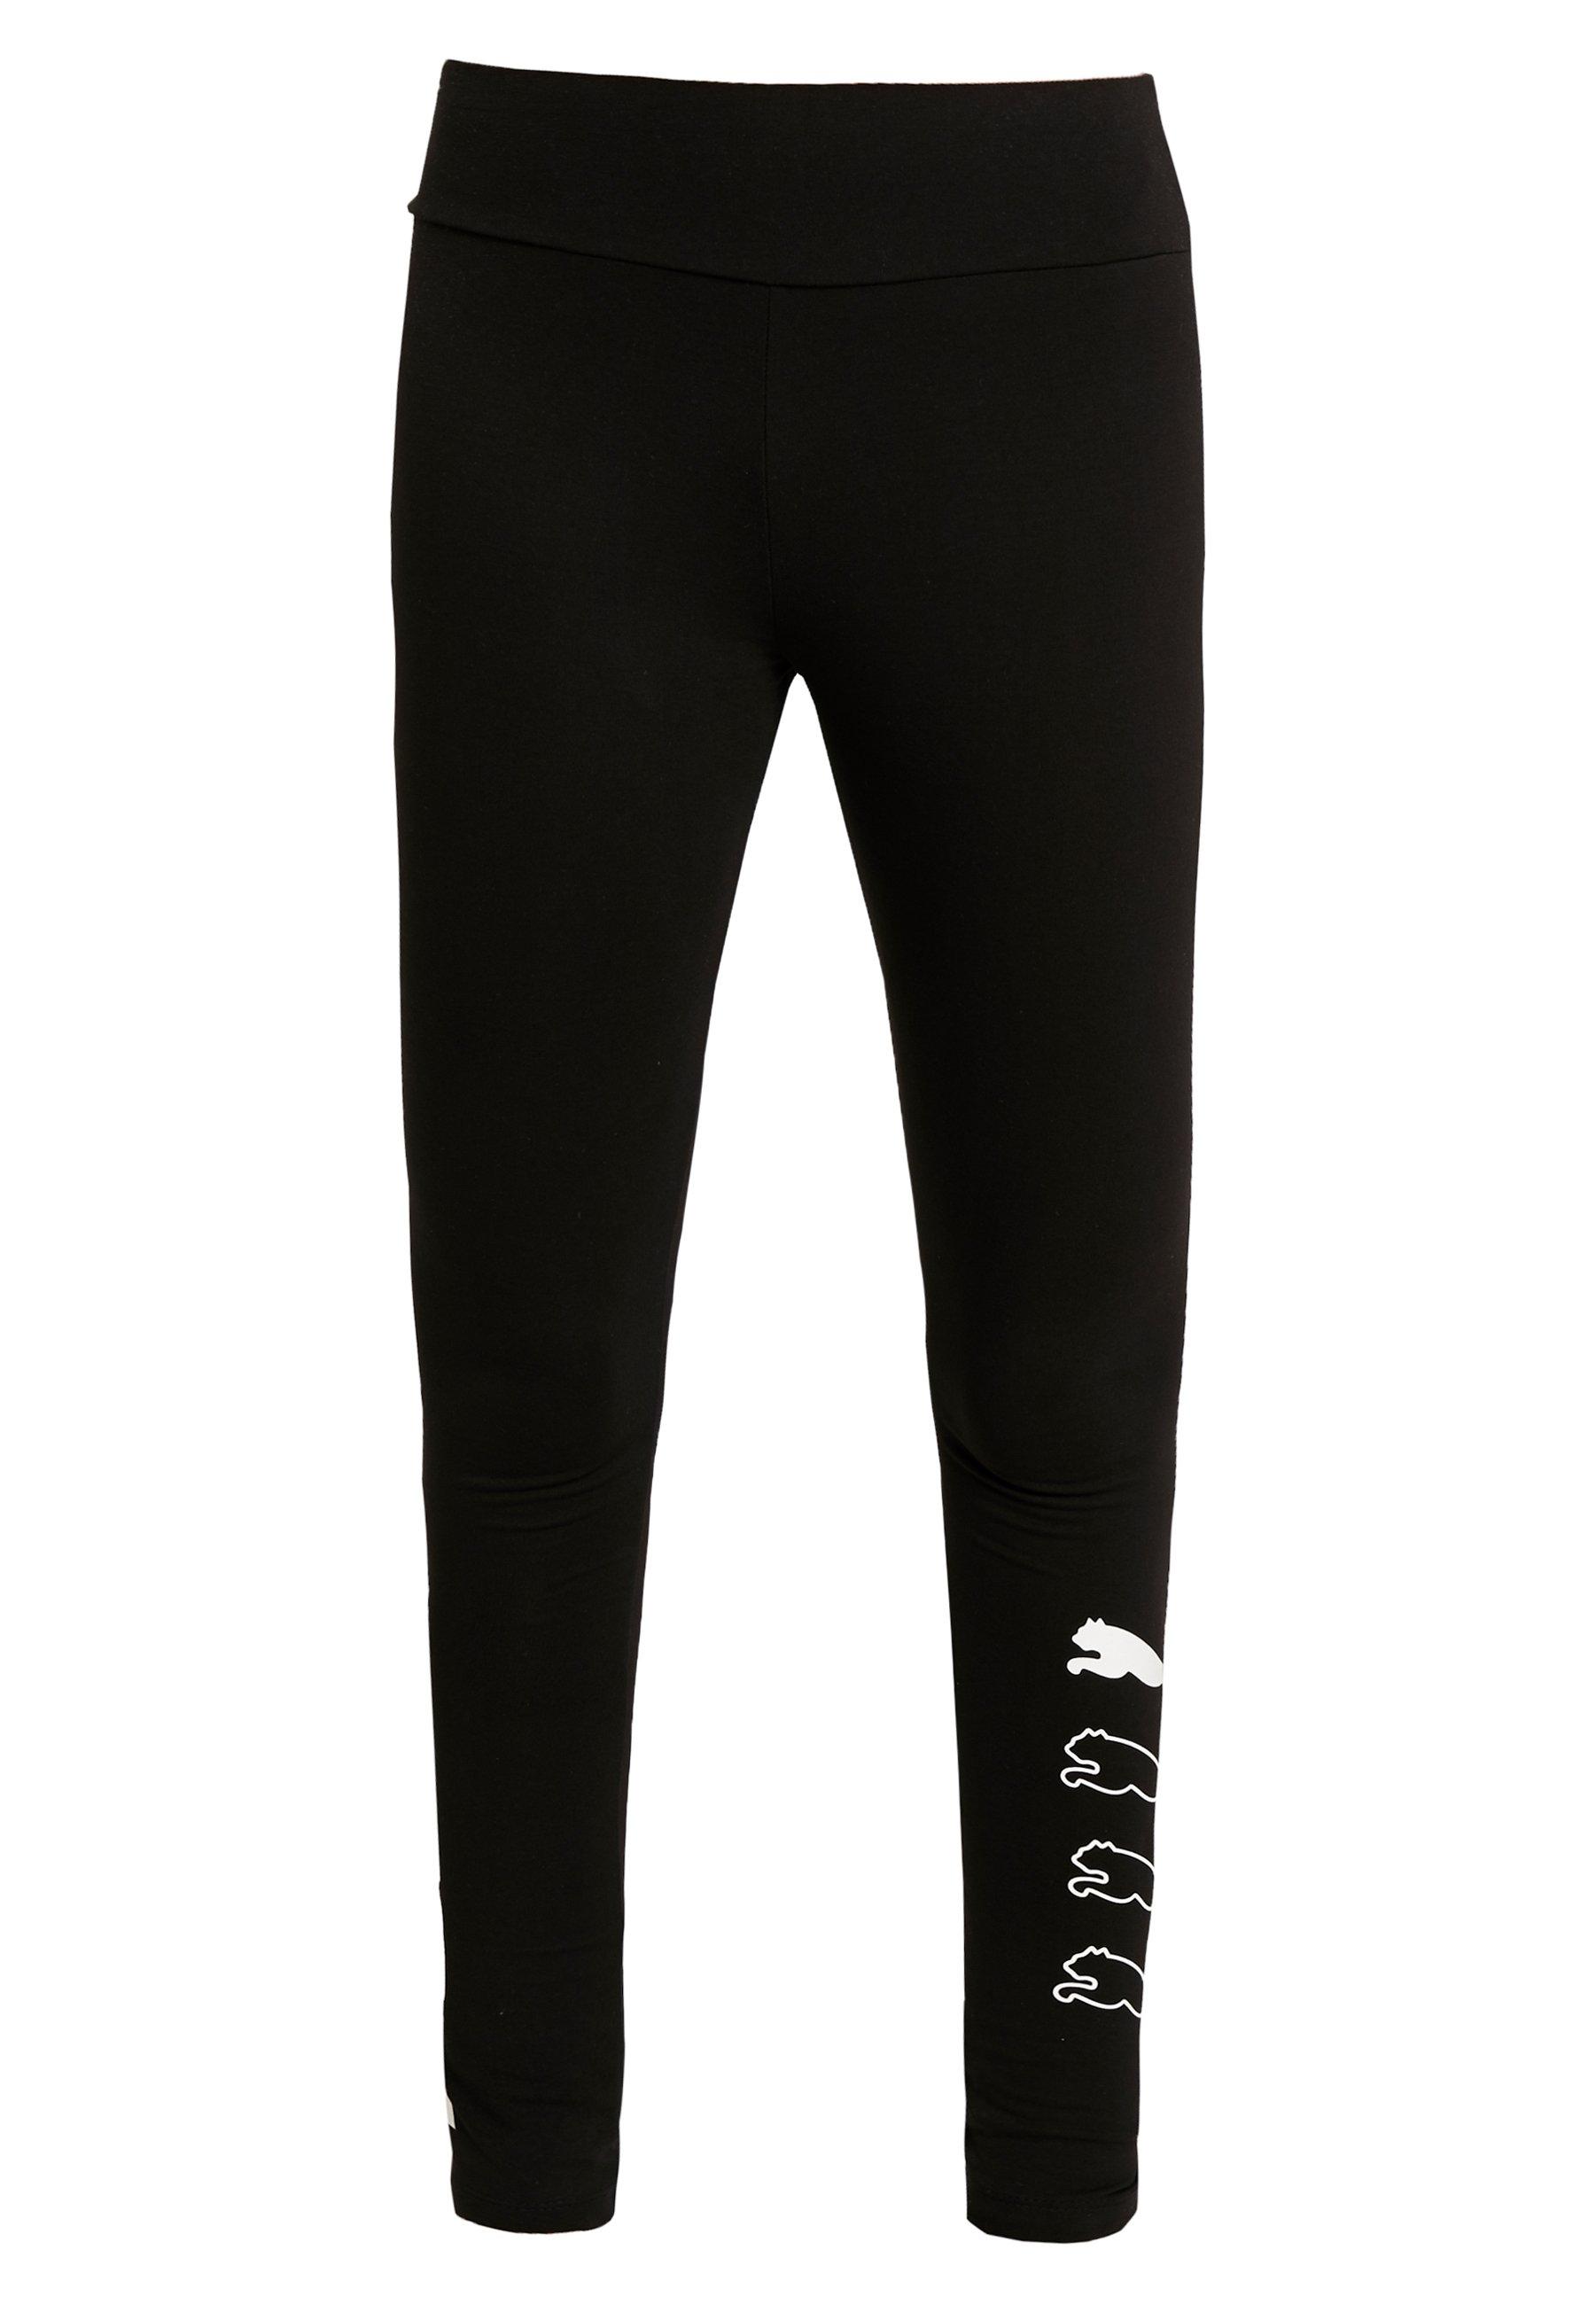 Puma Rebel Leggings - Tights Black